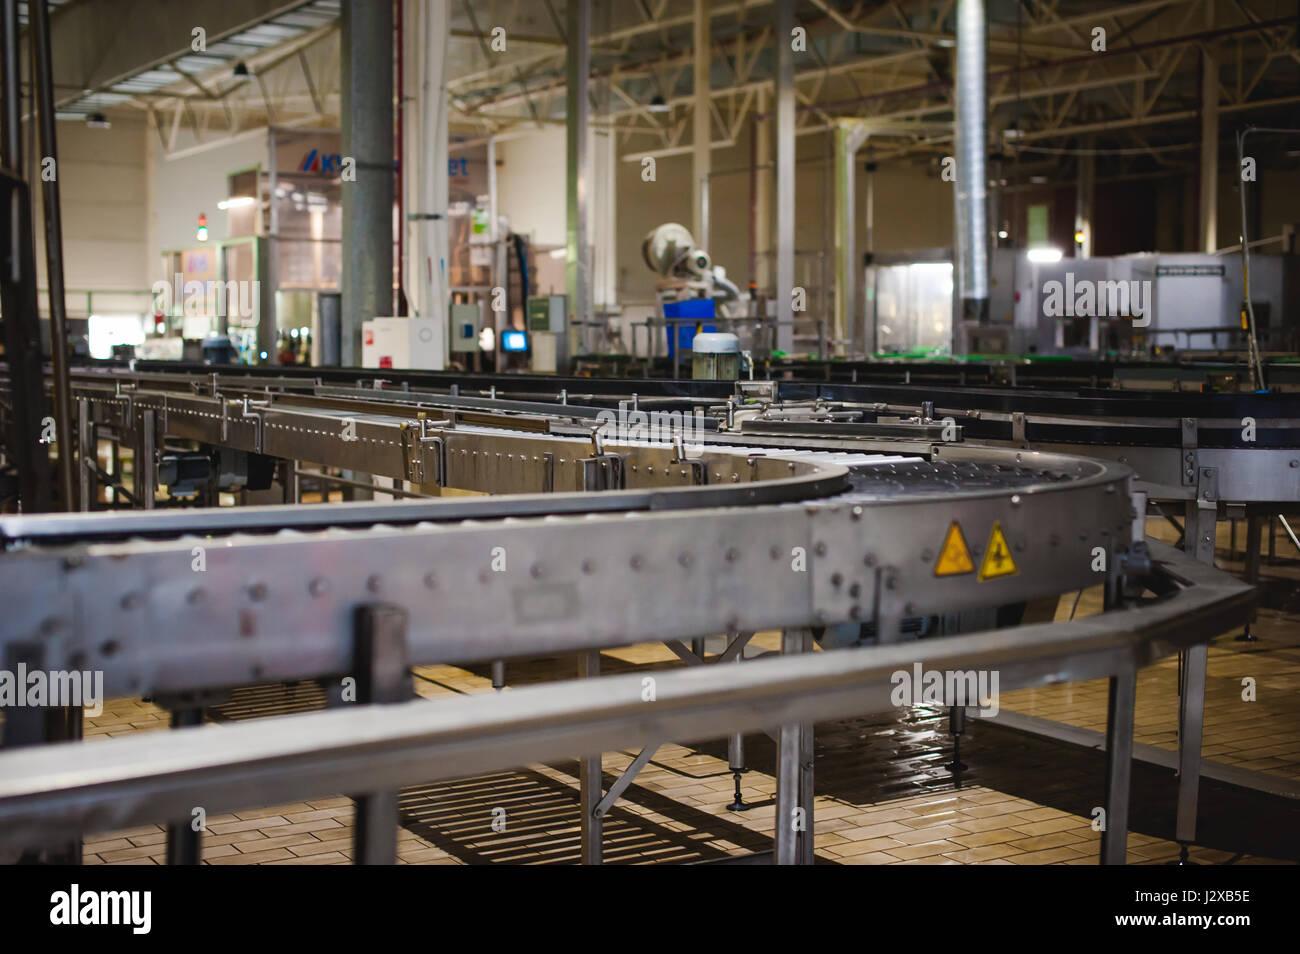 Bier-Produktionslinie. Ausrüstung für die Inszenierung und Abfüllung des fertigen Produkts. Spezielle industrielle technische Gerät werksseitig Stockfoto